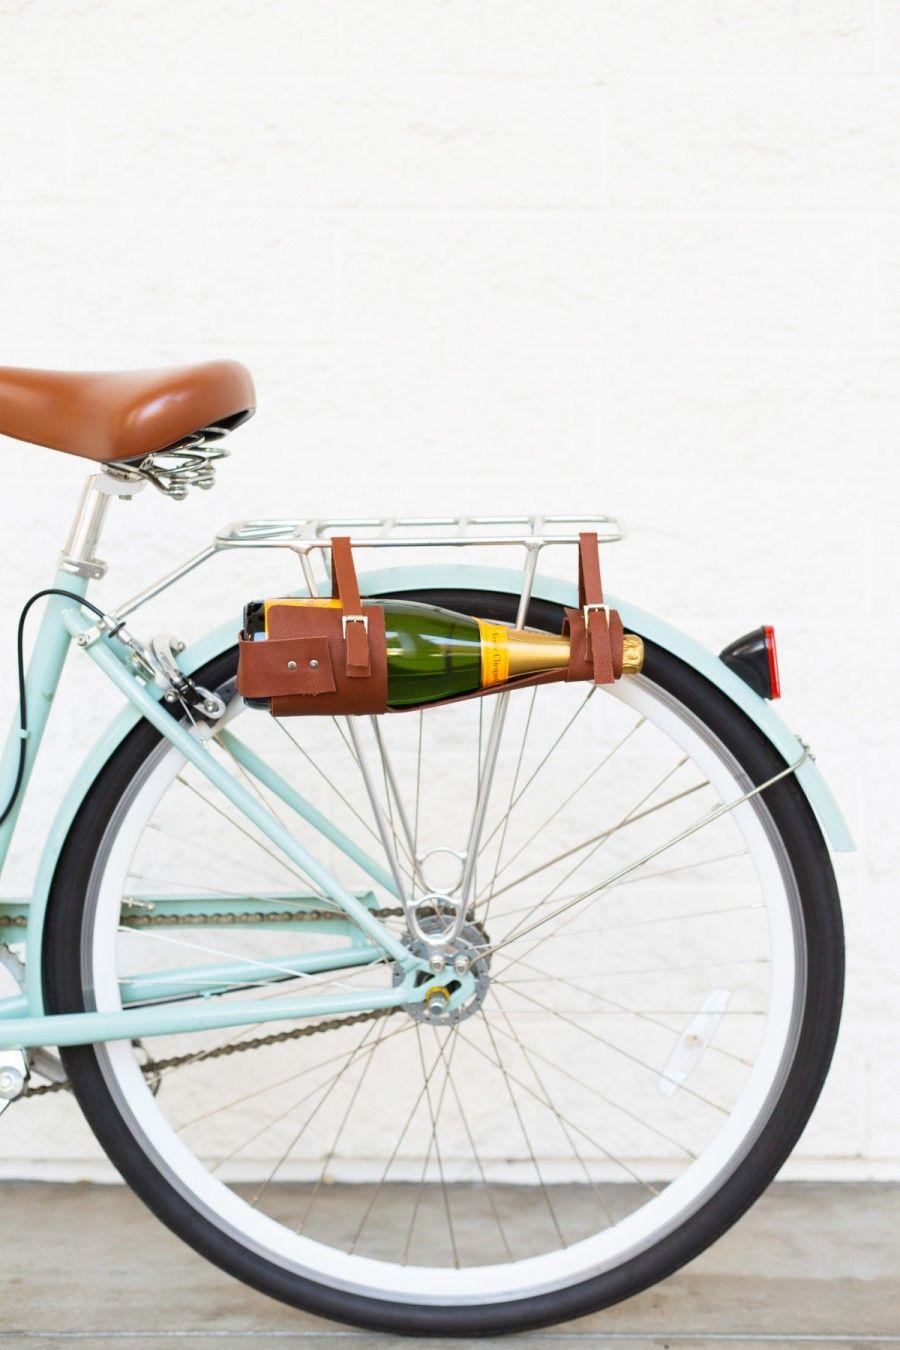 Diy Wine Bottle Carrier Bike Giveaway Wine Bottle Carrier